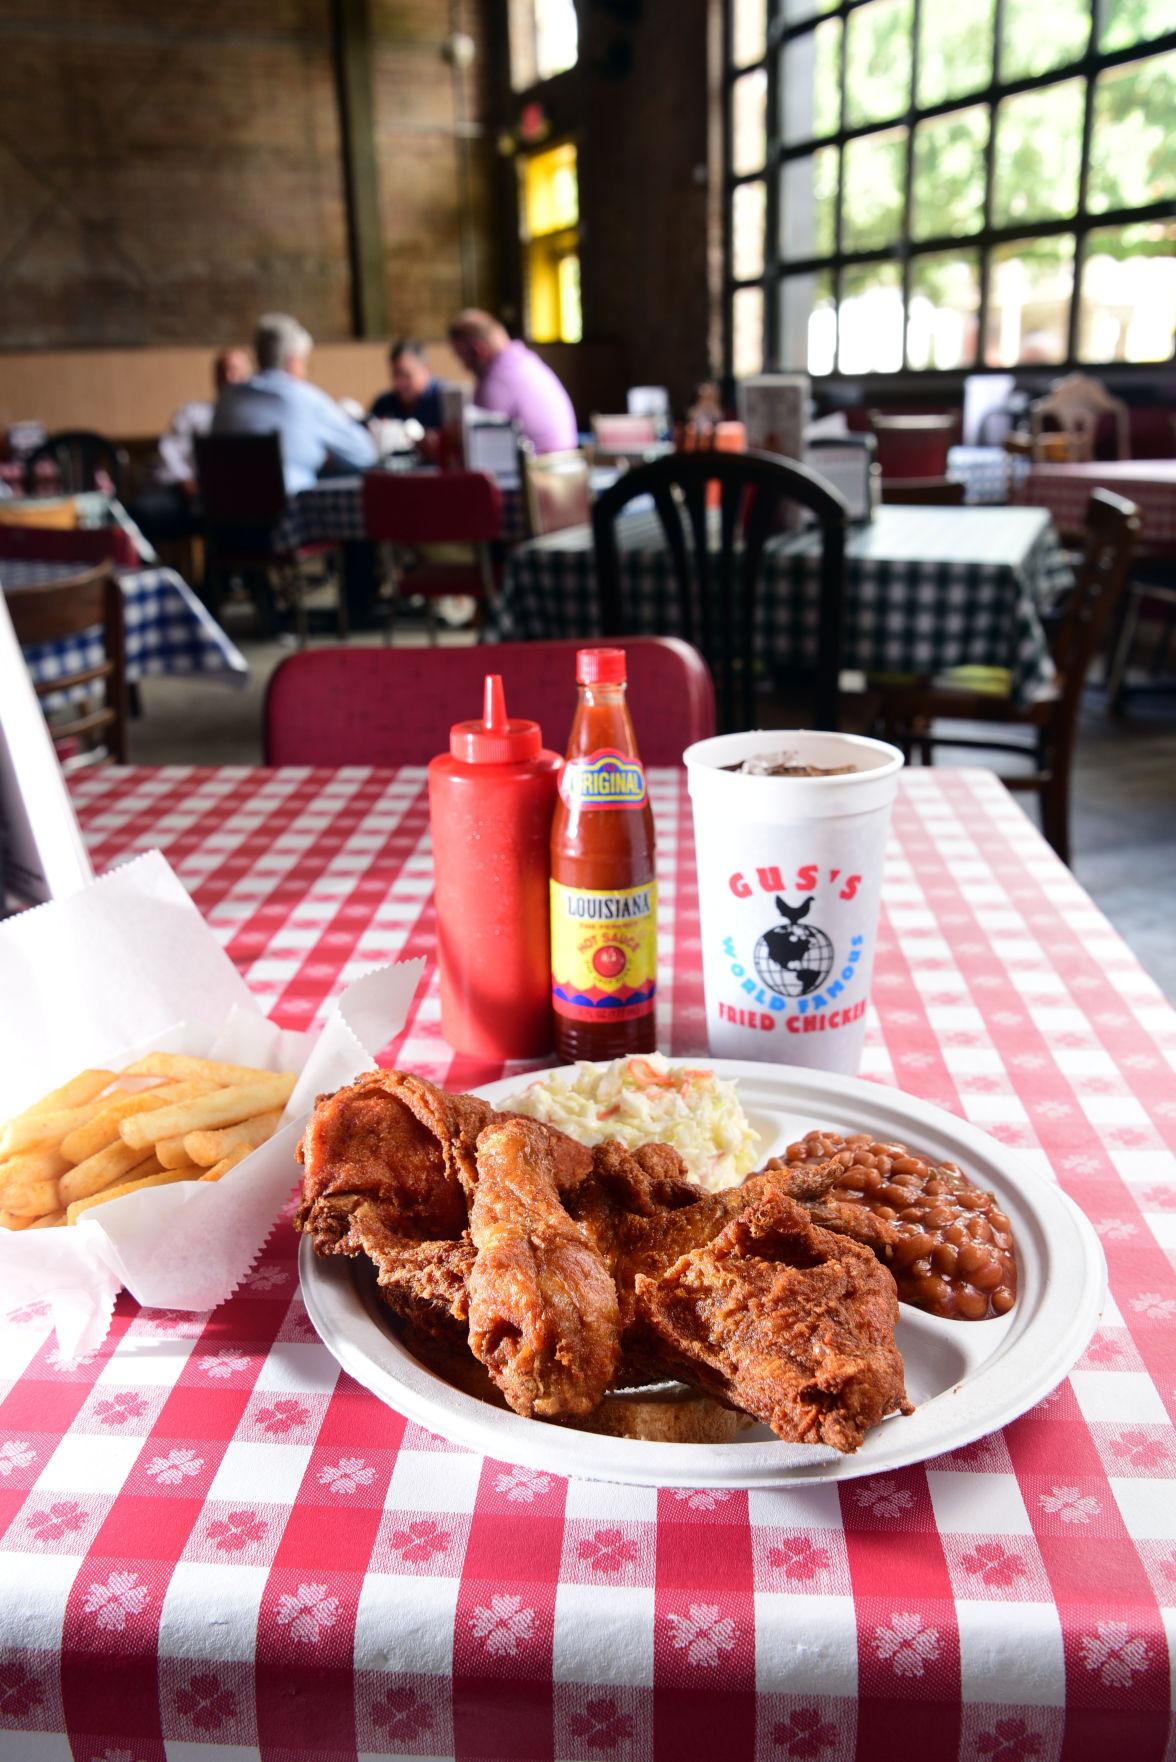 Gus's_Fried_Chicken_CR_CherylGerber.JPG